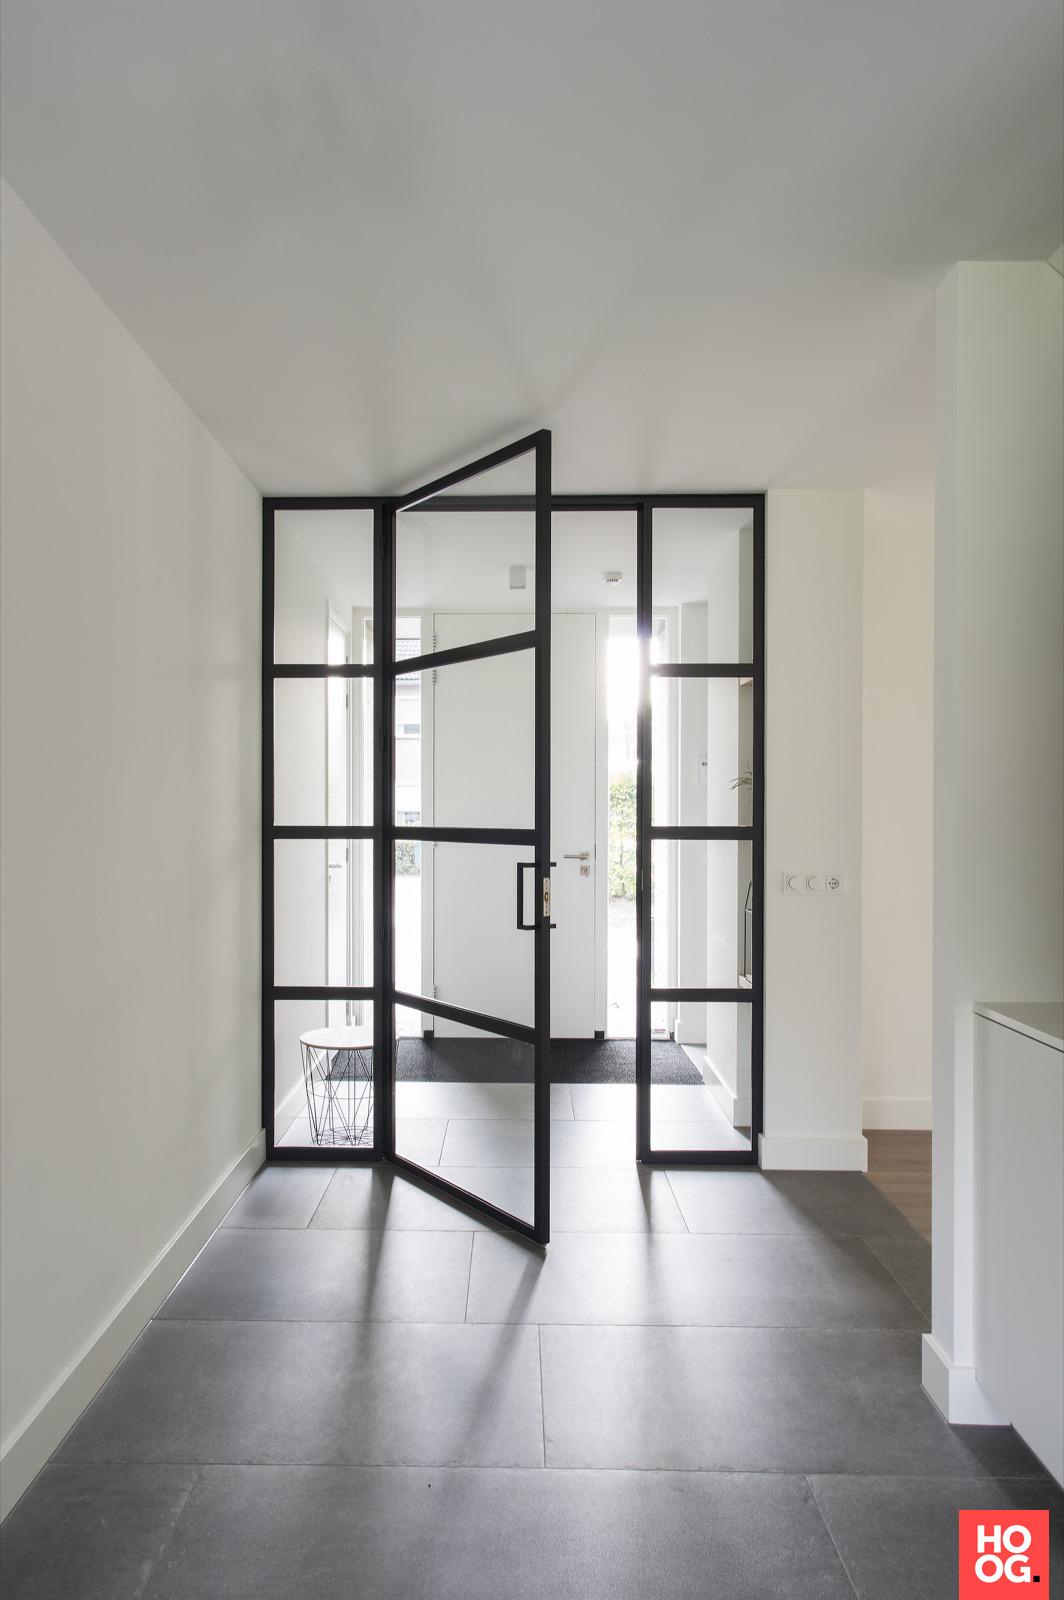 Stalen Binnendeur Met Glas Binnendeuren Glazen Schuifdeur Deuren Interieur